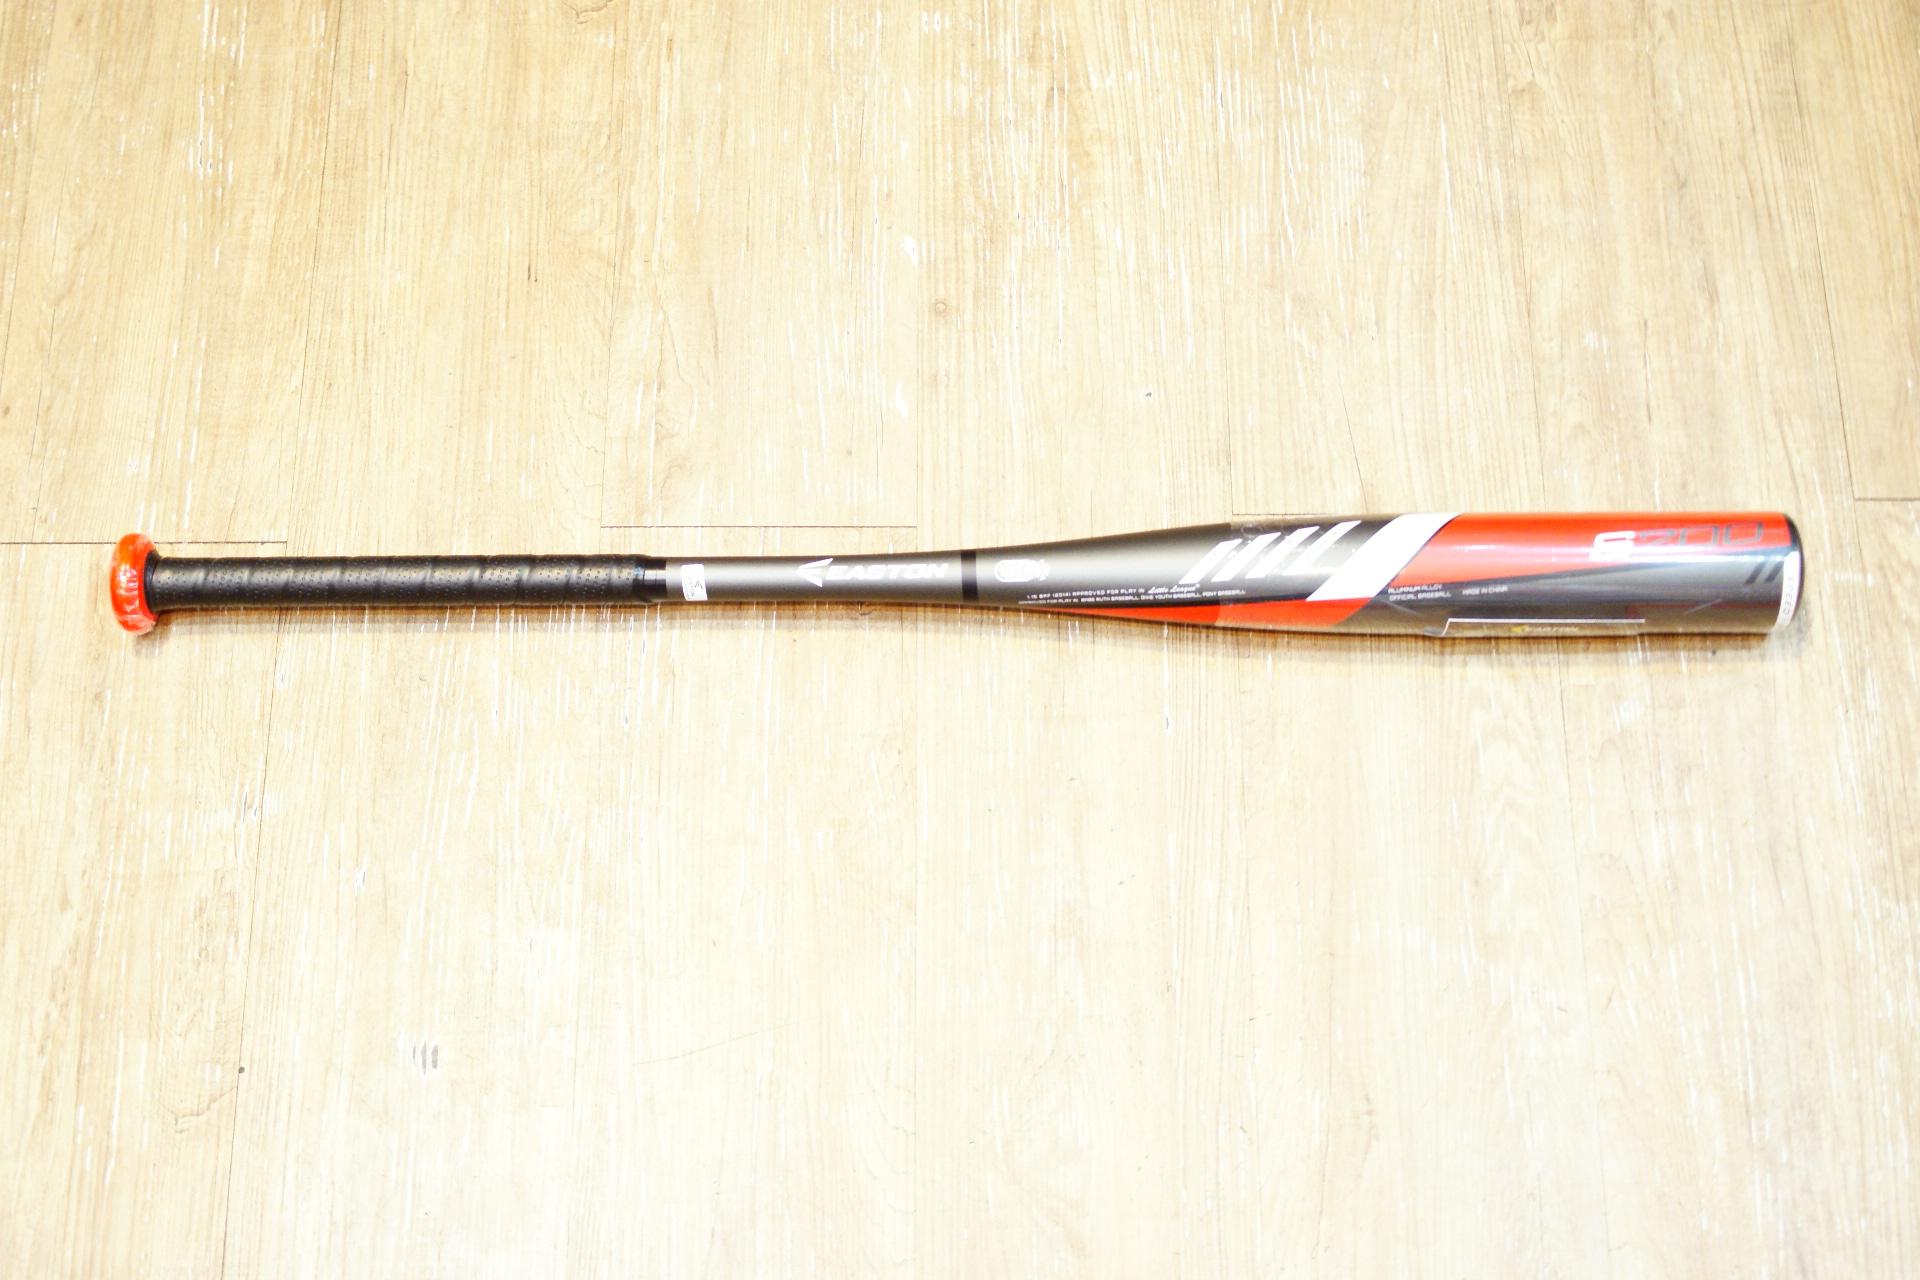 棒球世界 全新EASTON S200(-10) 少年用棒球鋁棒 特價